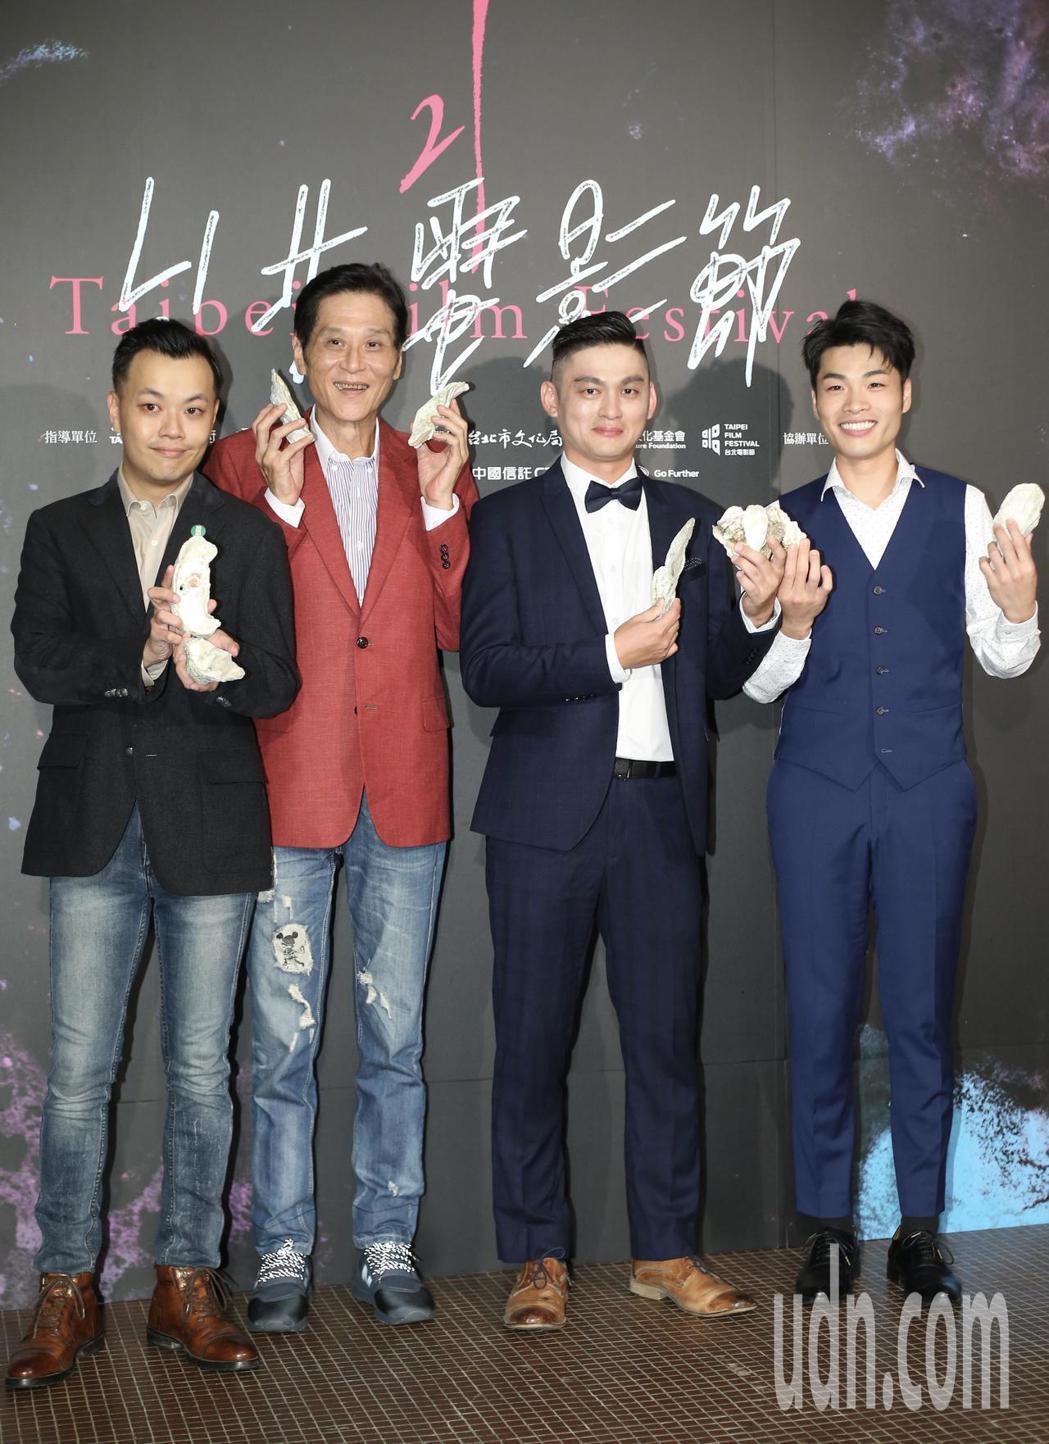 電影「蚵豐村」導演林龍吟(左起)與片中演員喜翔、林禹緒、陳莘太一同出席首映記者會